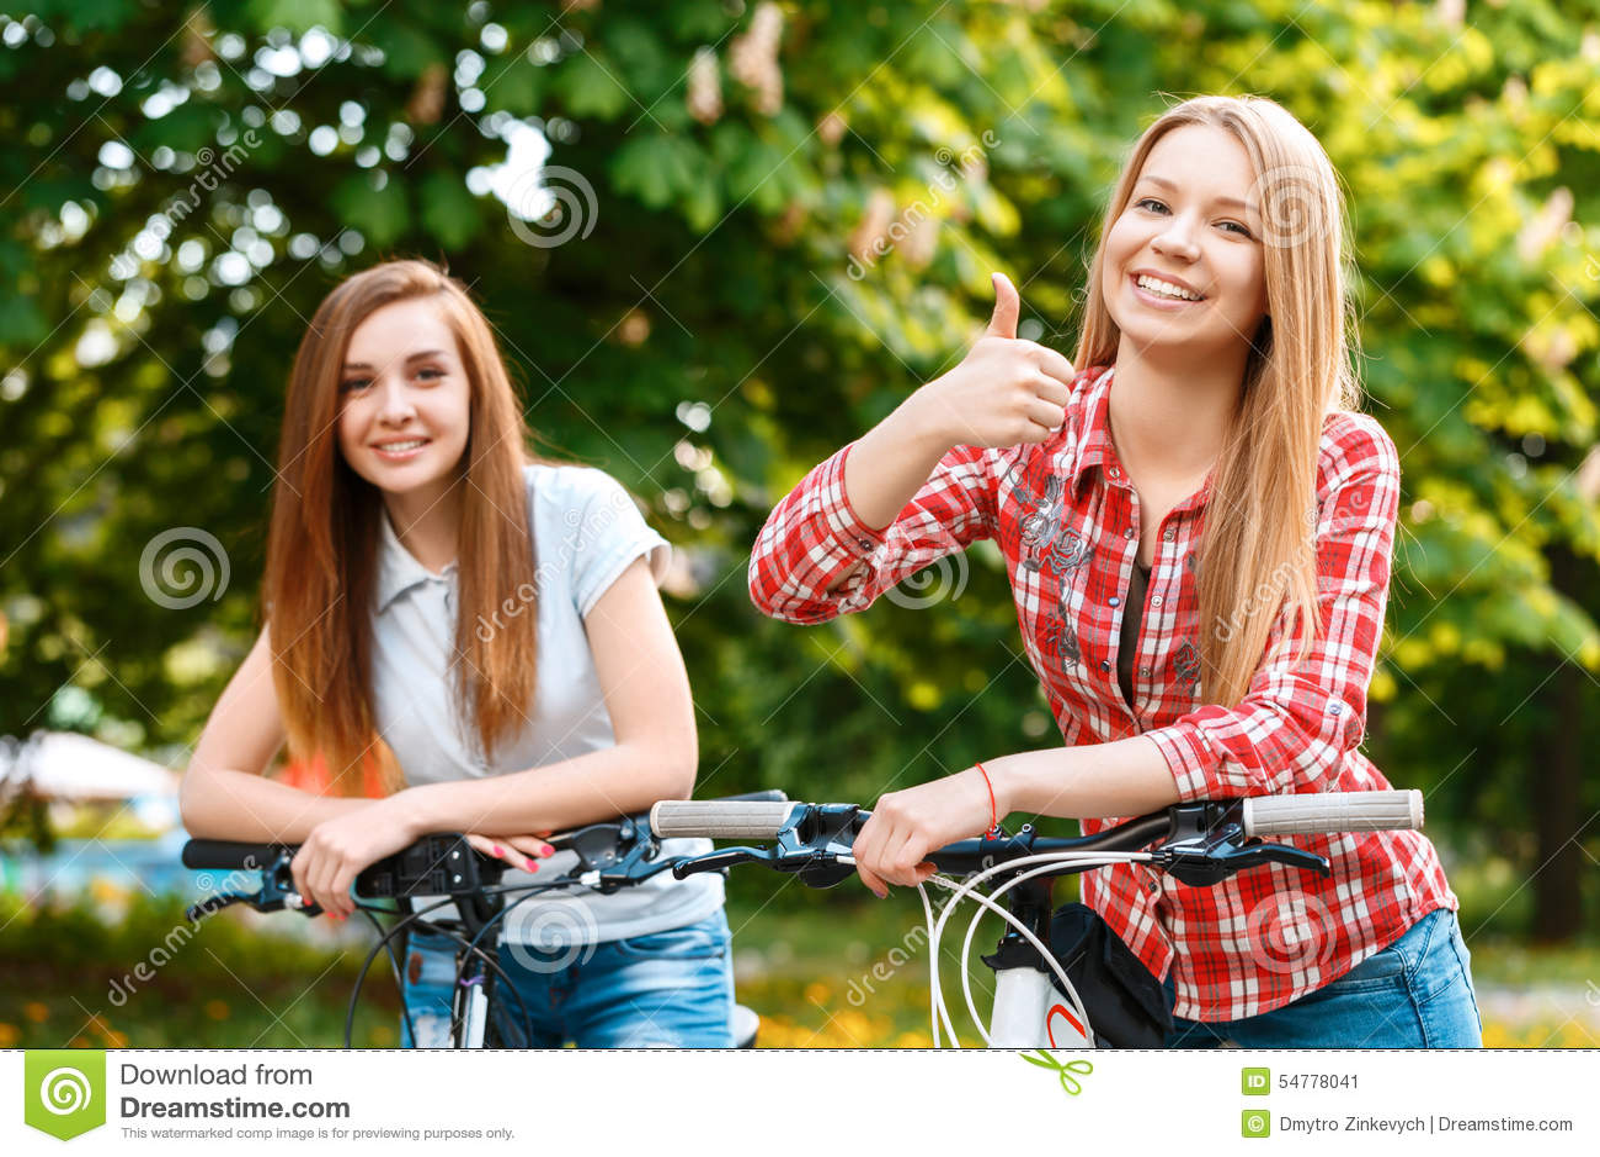 干了女儿和她的两个美丽女同学_两个美丽的女孩临近自行车